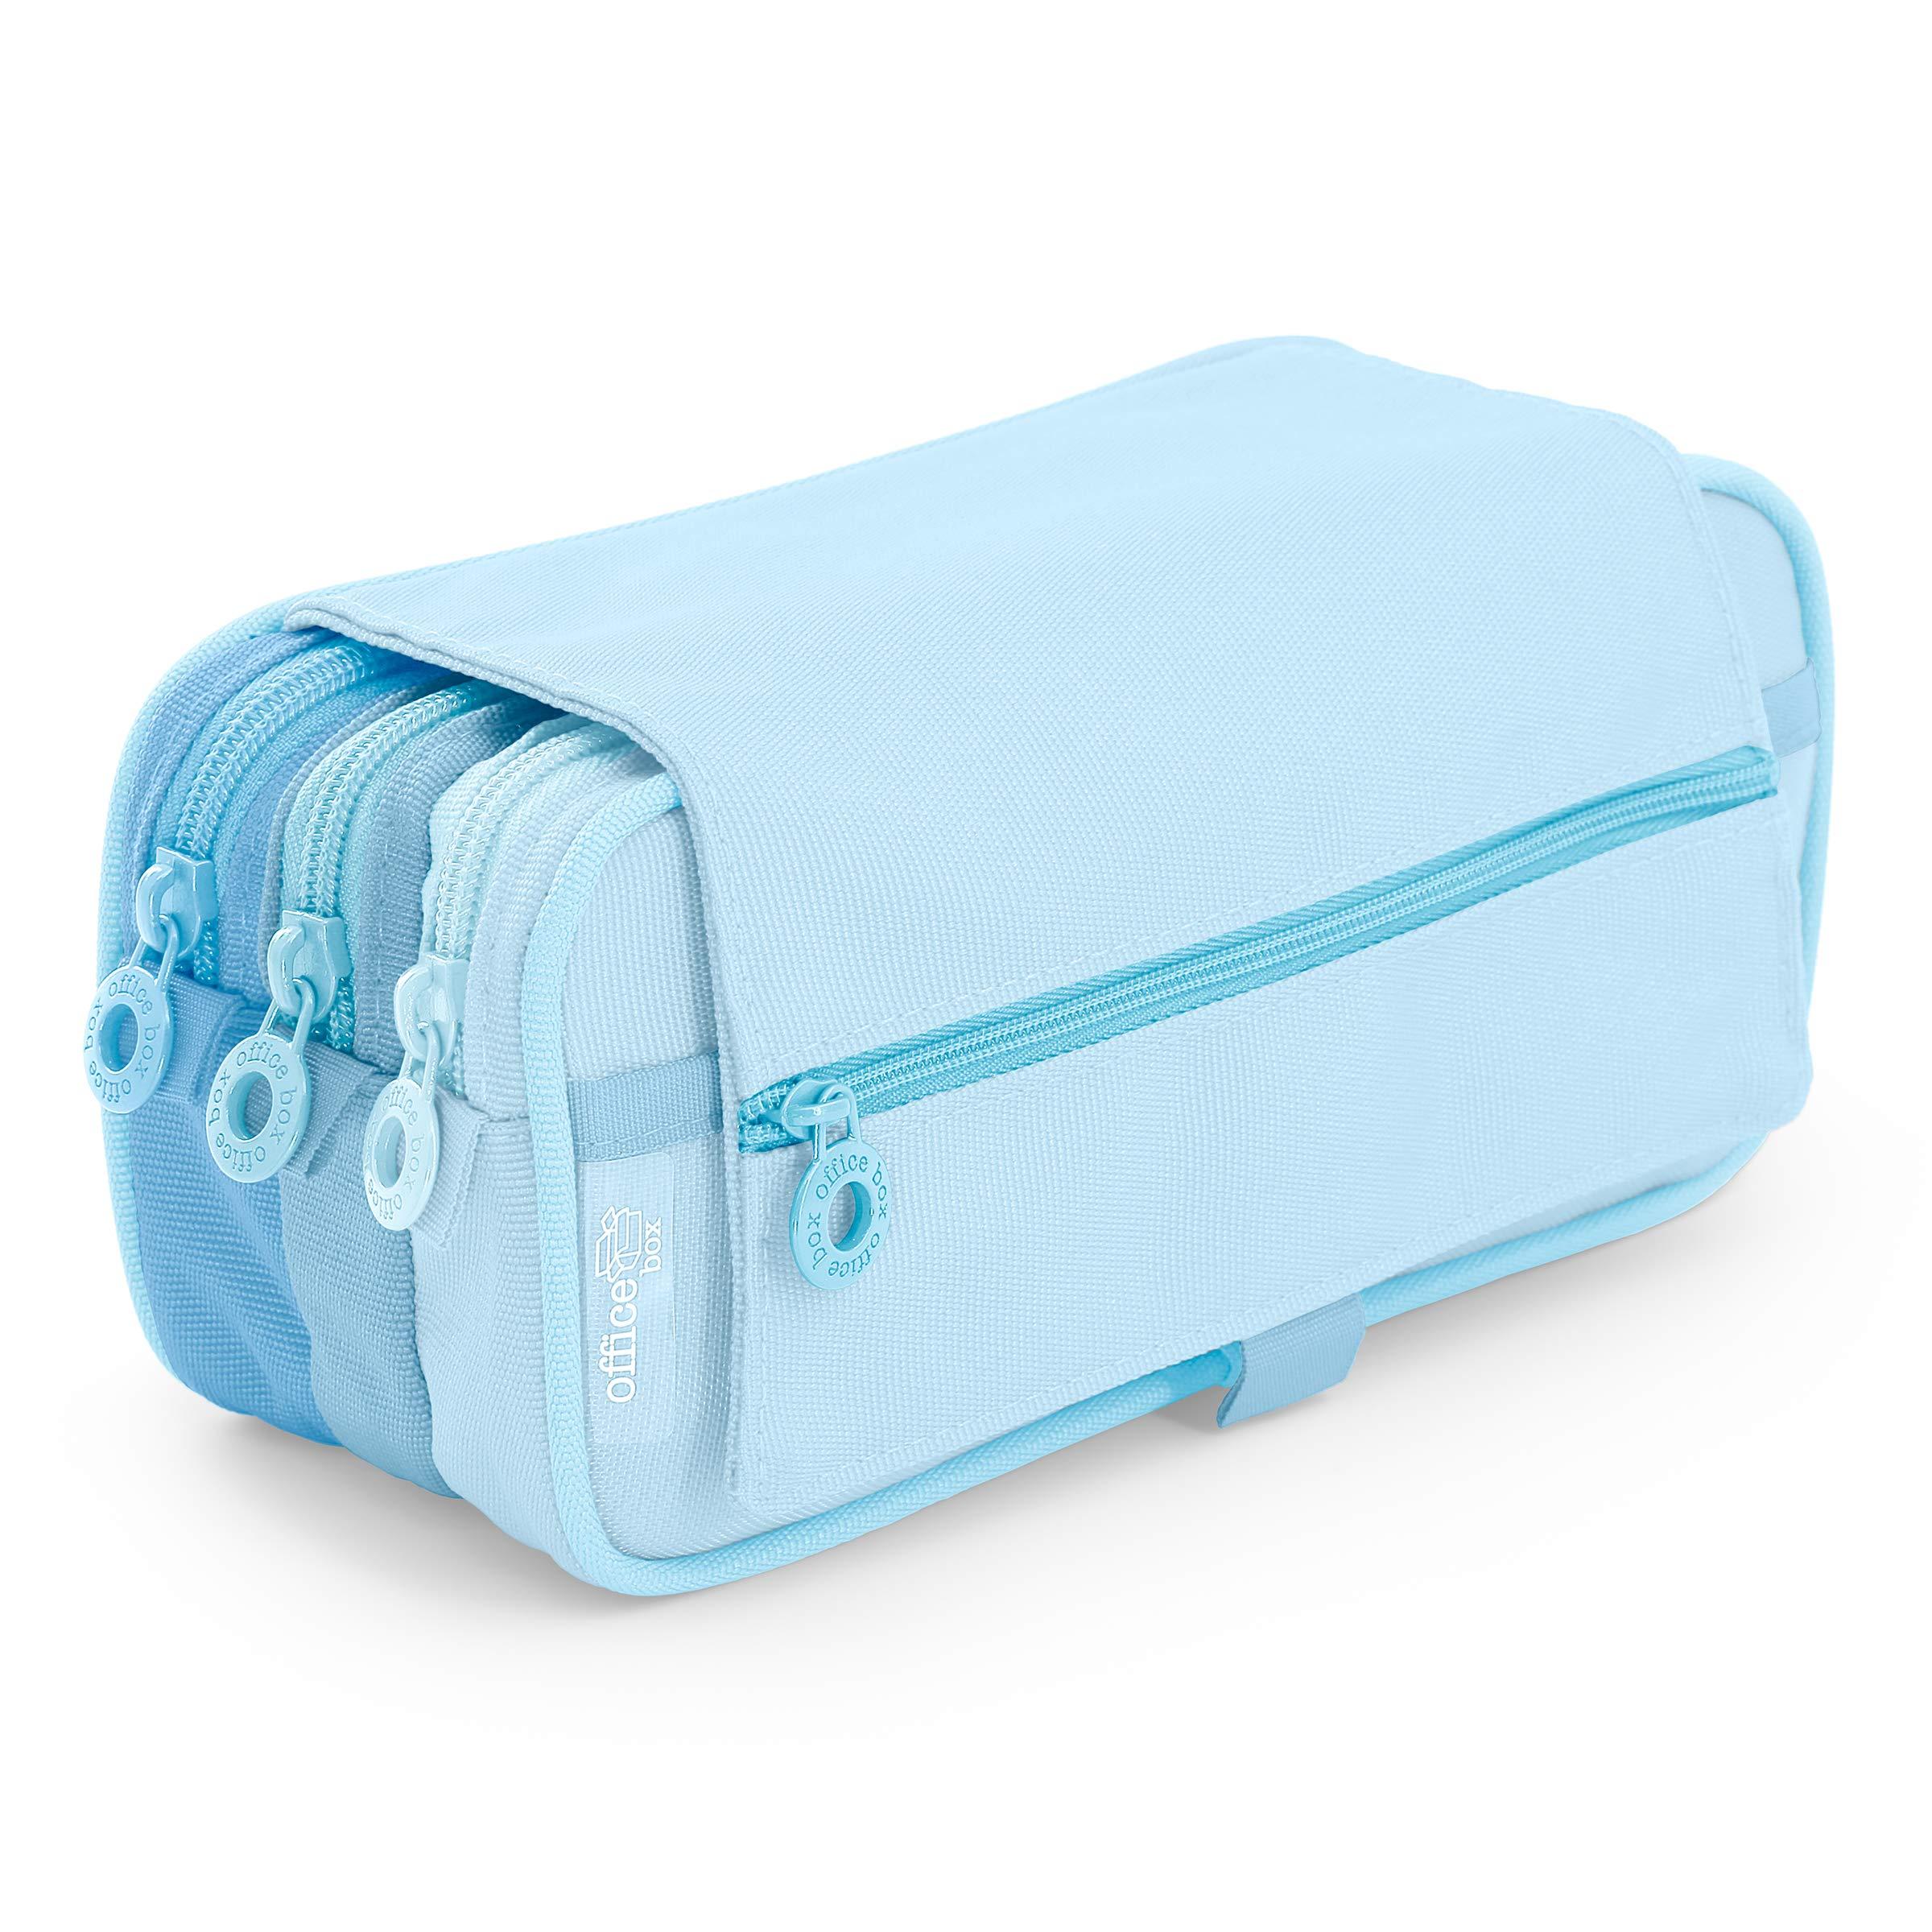 Estuche Portatodo Triple de Amplios Apartados Interiores con Tres Cremalleras para Material Escolar o Neceser. Blush Pastel Azul: Amazon.es: Oficina y papelería